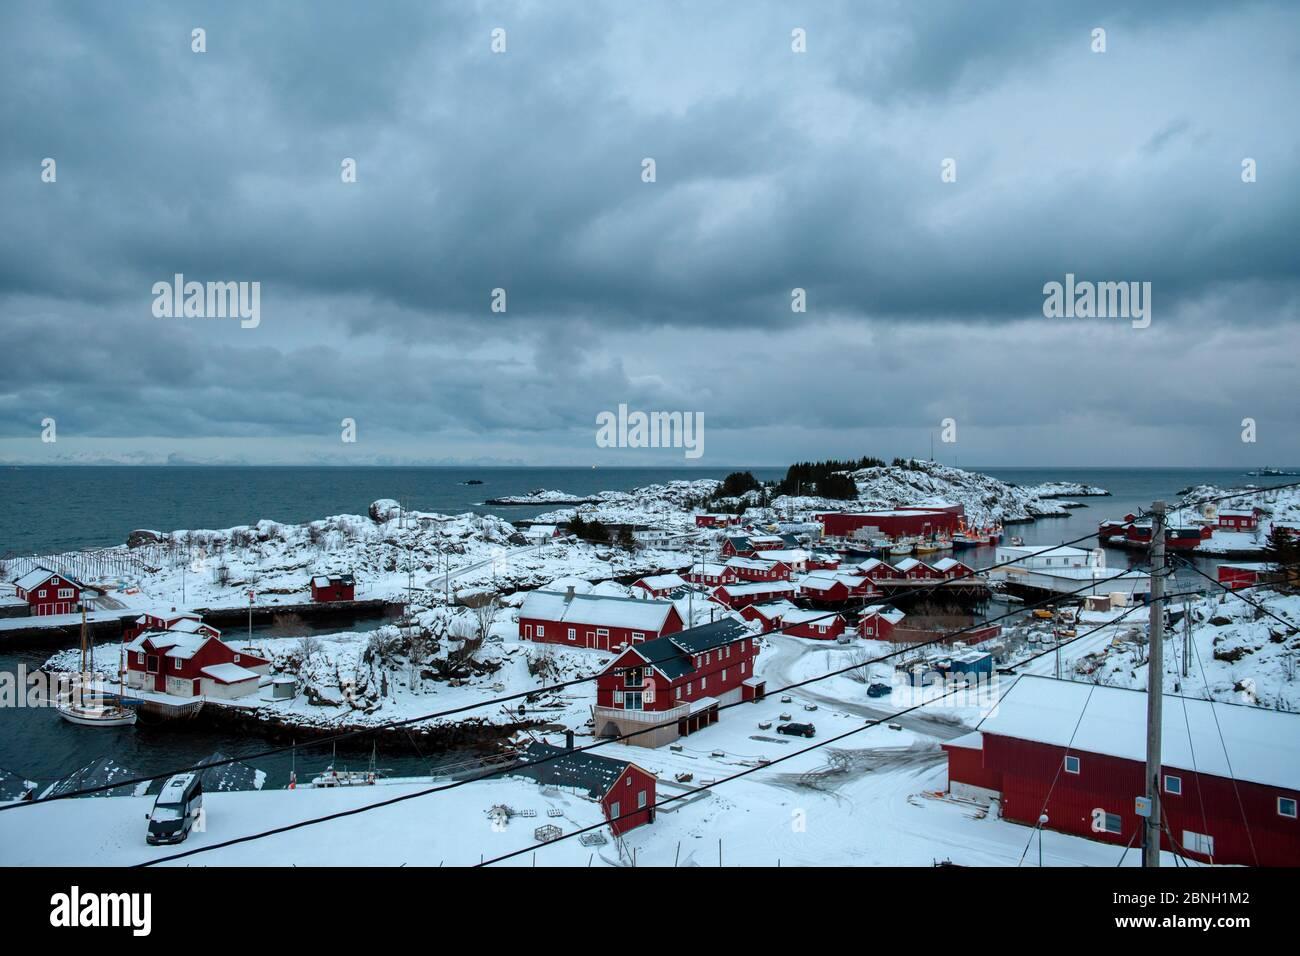 Journée d'hiver avec ciel bleu nuageux dans un petit village. Îles Lofoten, Norvège Banque D'Images